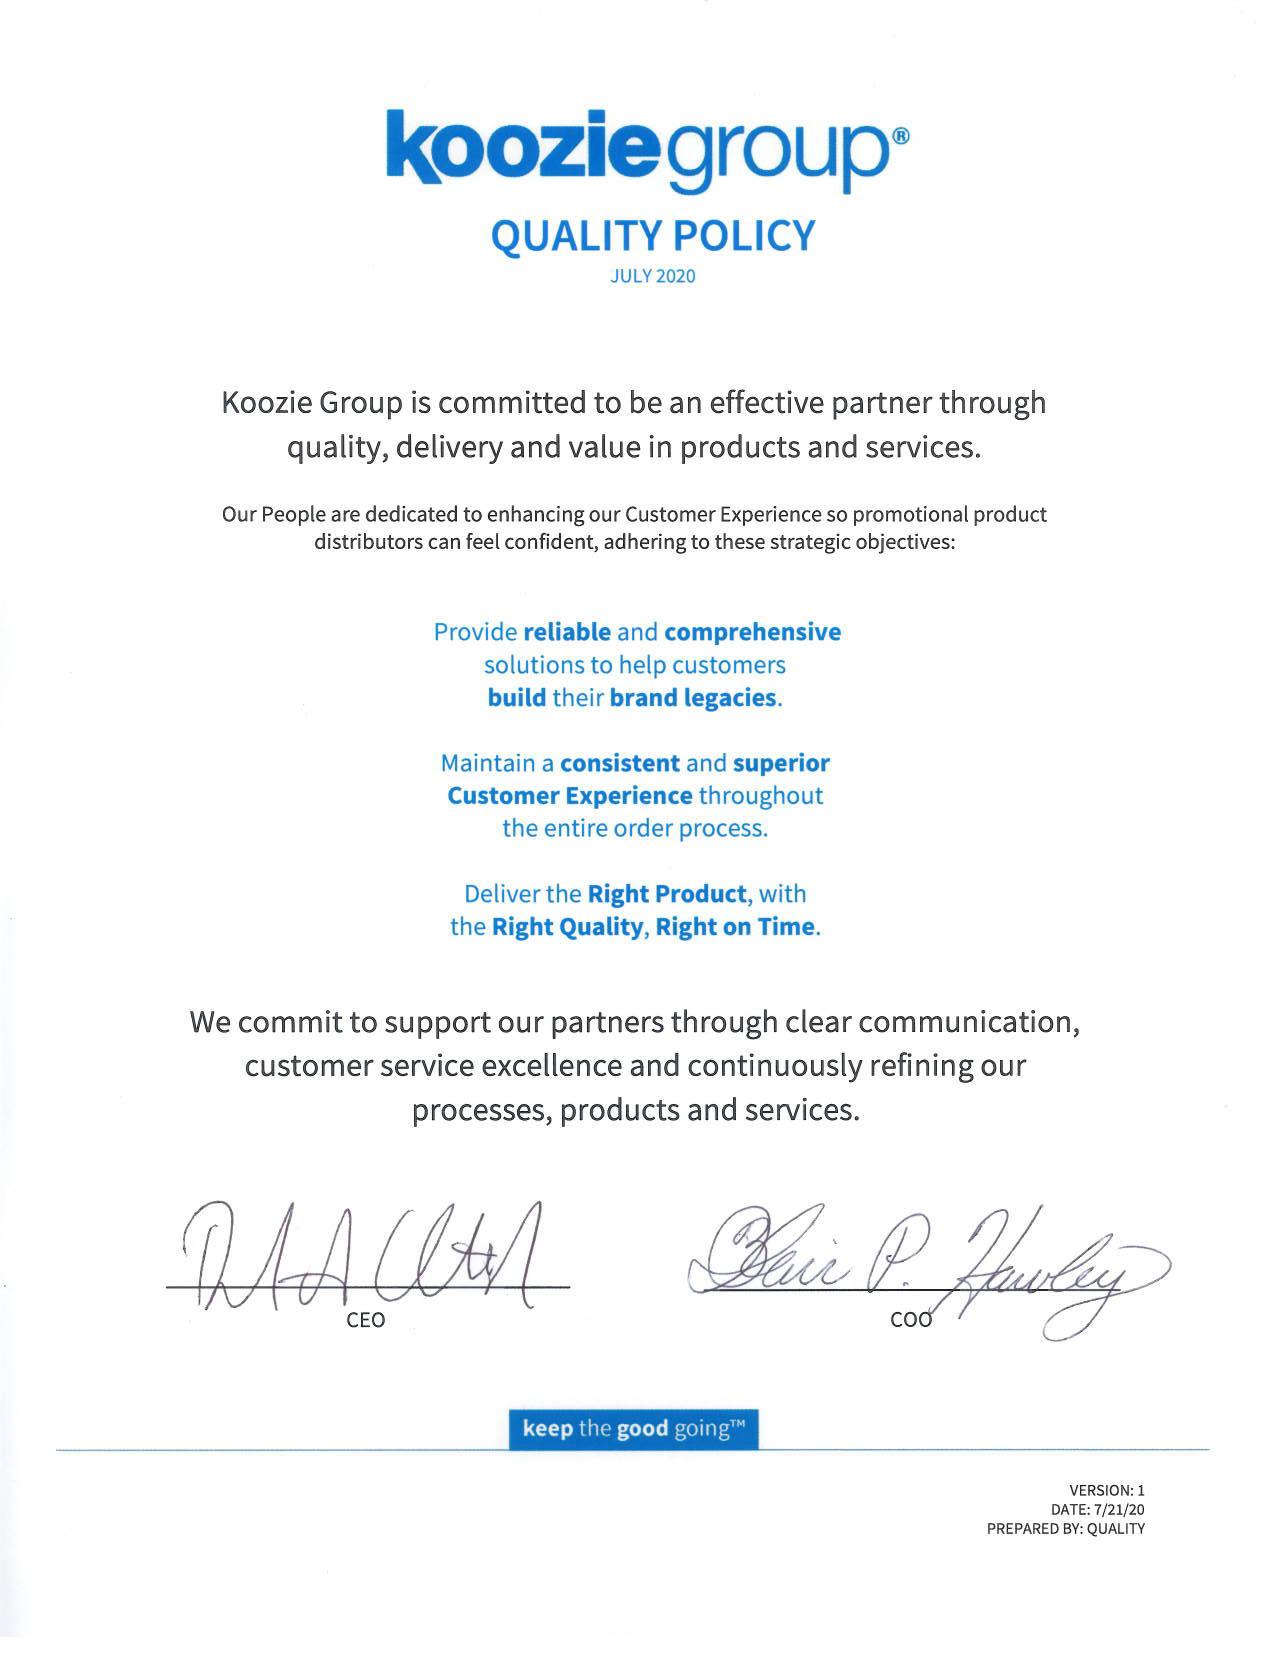 Koozie Group Quality Policy